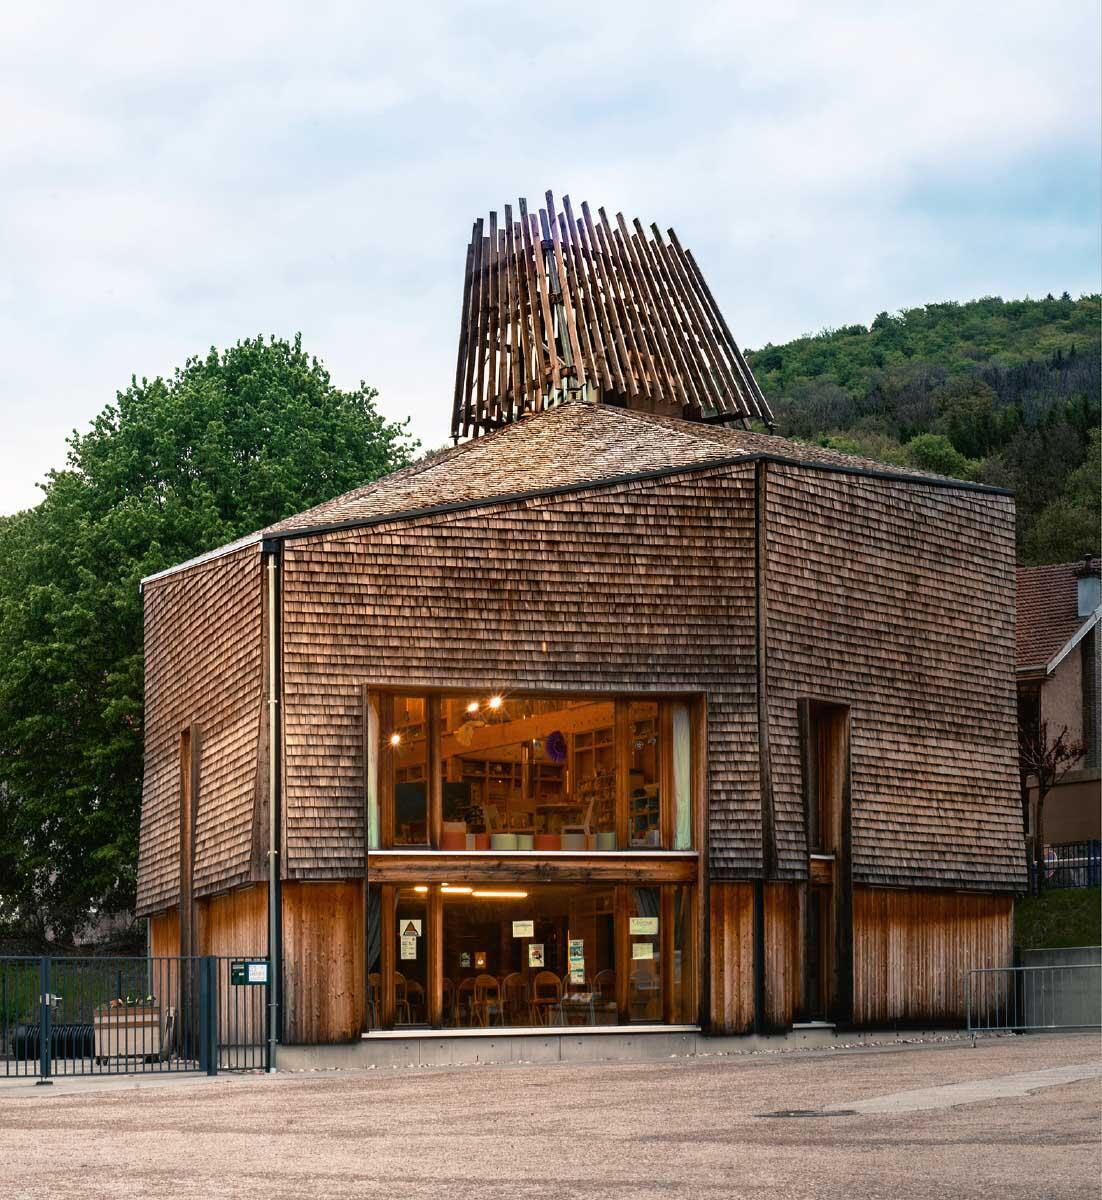 Traditionelle Techniken für das Dorf von heute: Kinderhort (Périscolaire) in Tendon von Haha architectures (2012). Bild: Haha architectures